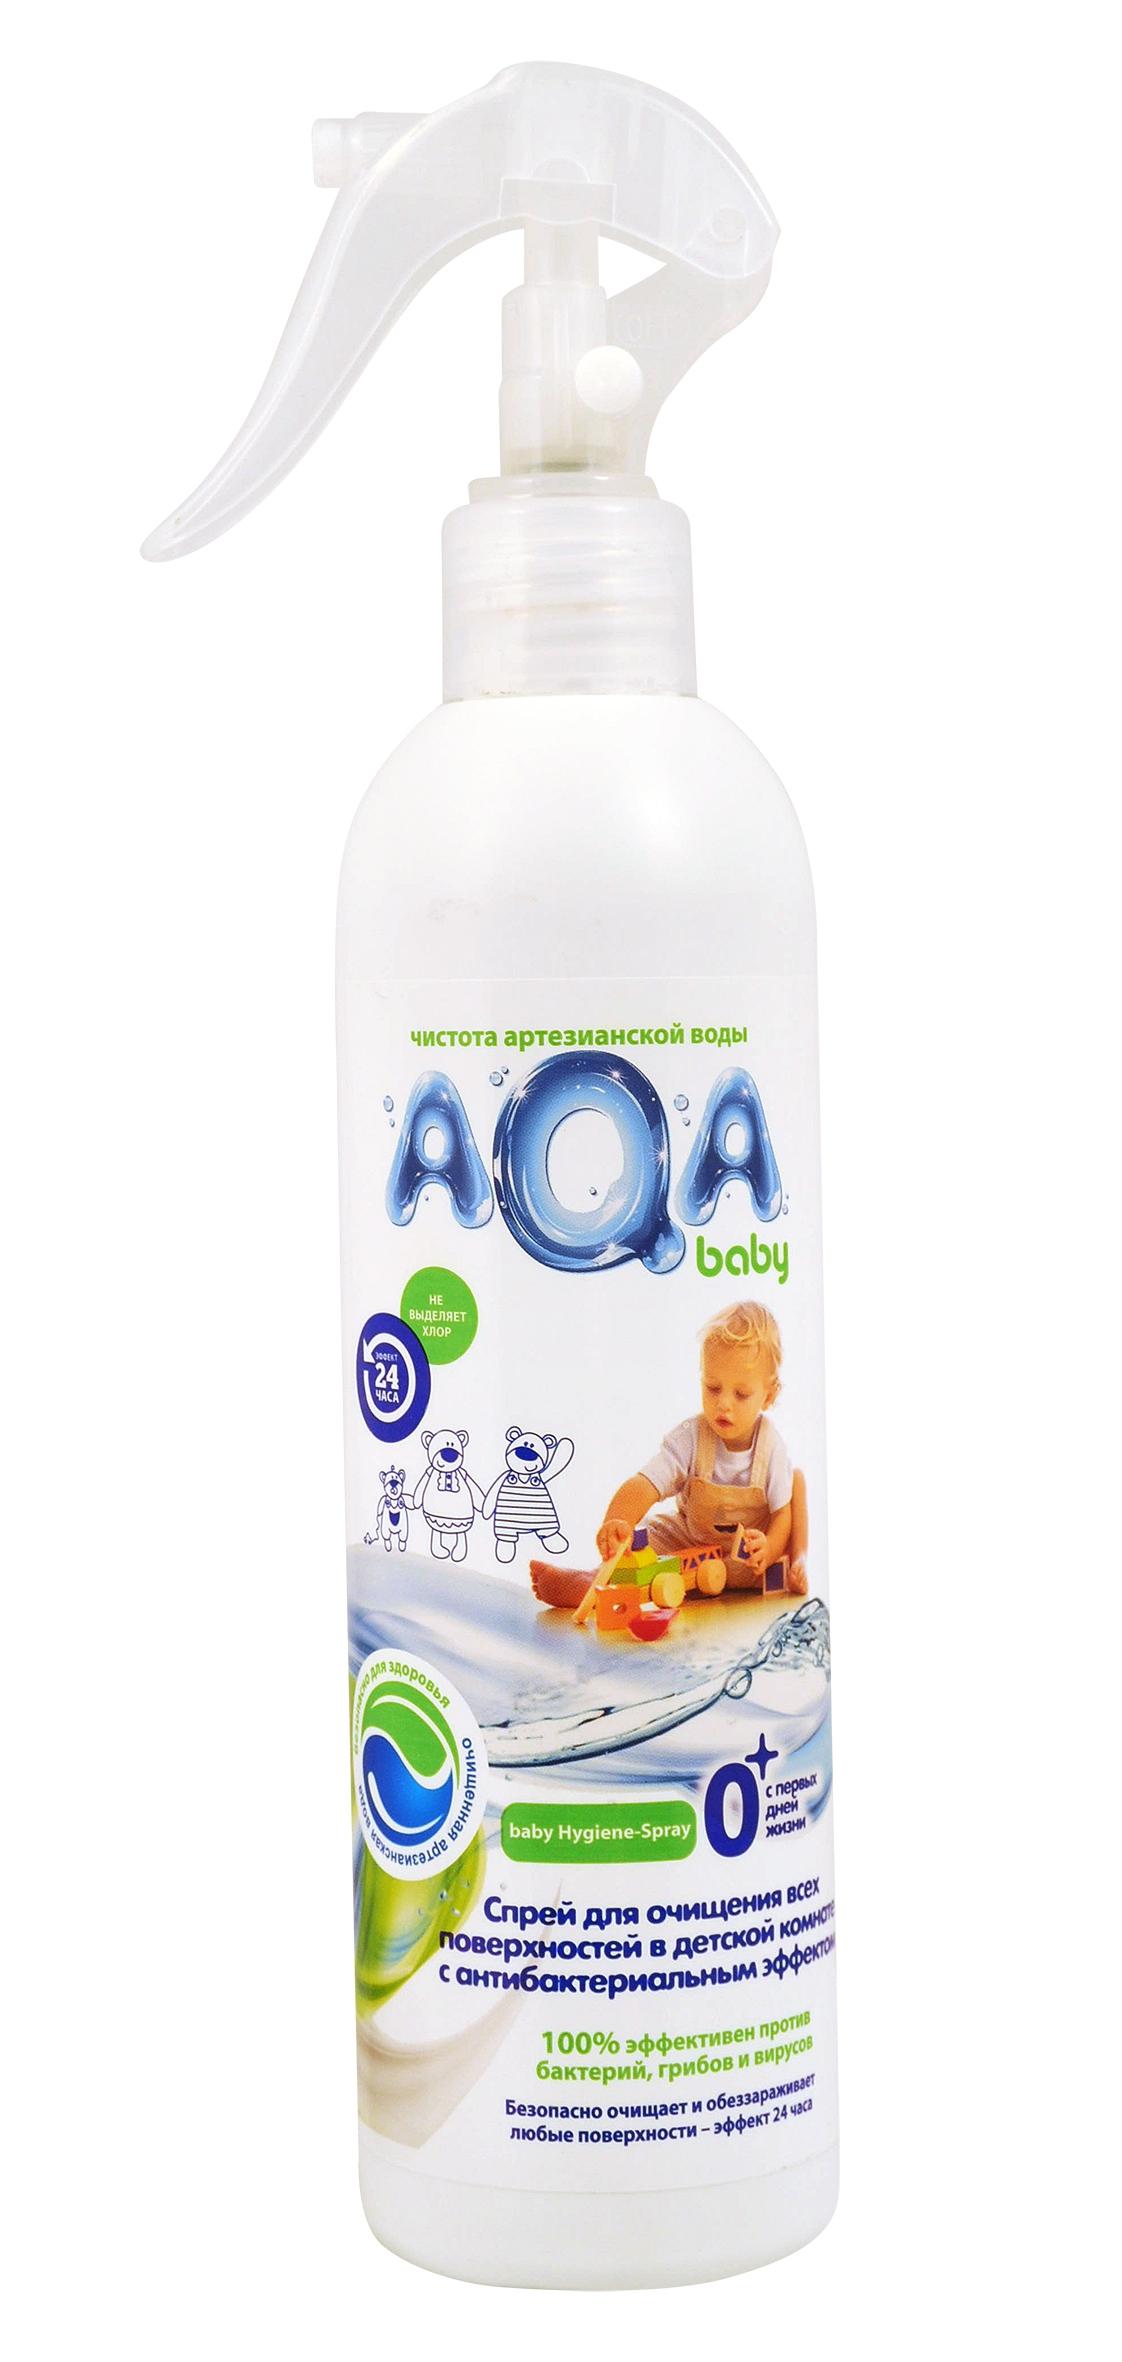 Антибактериальный спрей для очищения всех поверхностей в детской комнате AQA baby AQA baby 300 мл спрей солнцезащитный aqa baby aqa baby spf 30